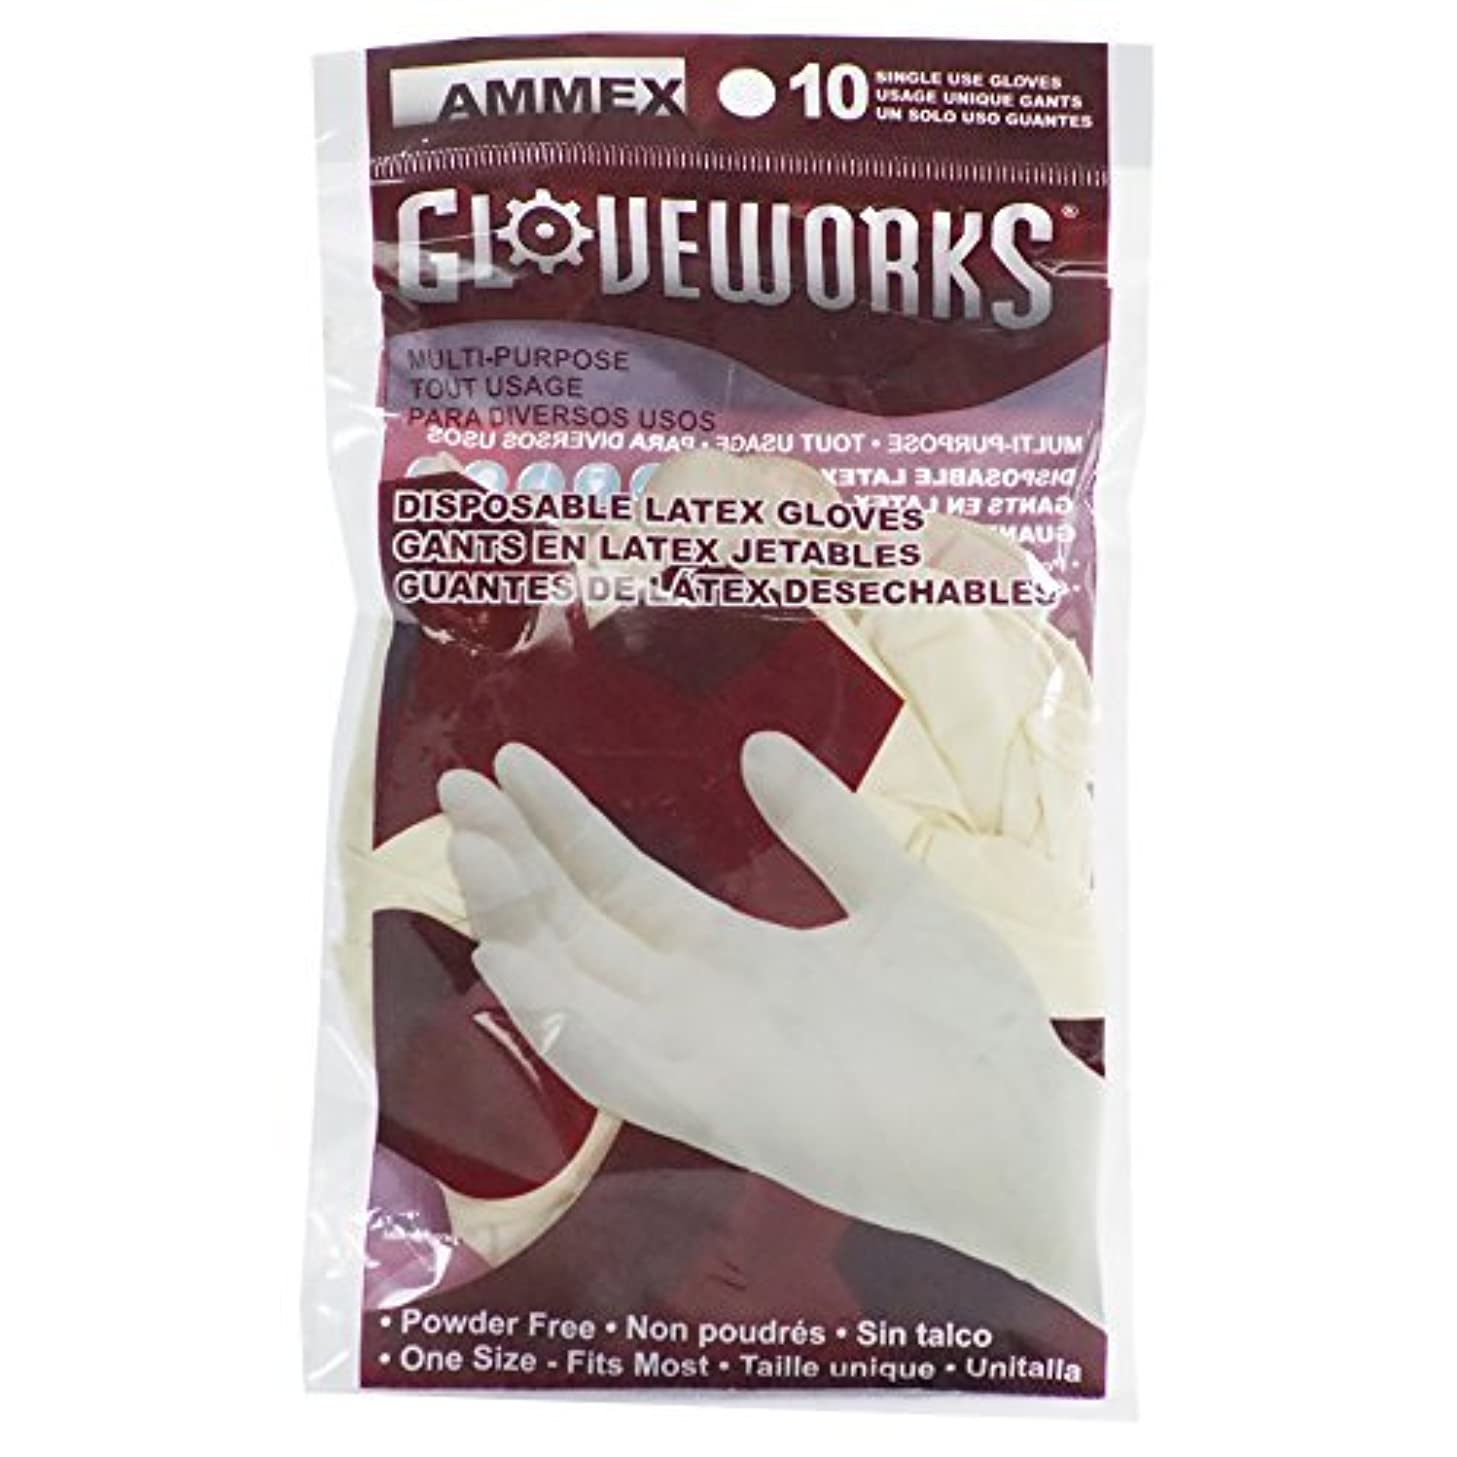 シミュレートするビーチ不信AMMEX - GWL10PK - Latex Gloves - Gloveworks - 10/pack Disposable Powder Free 4 mil Uni-size White (Case of 250...